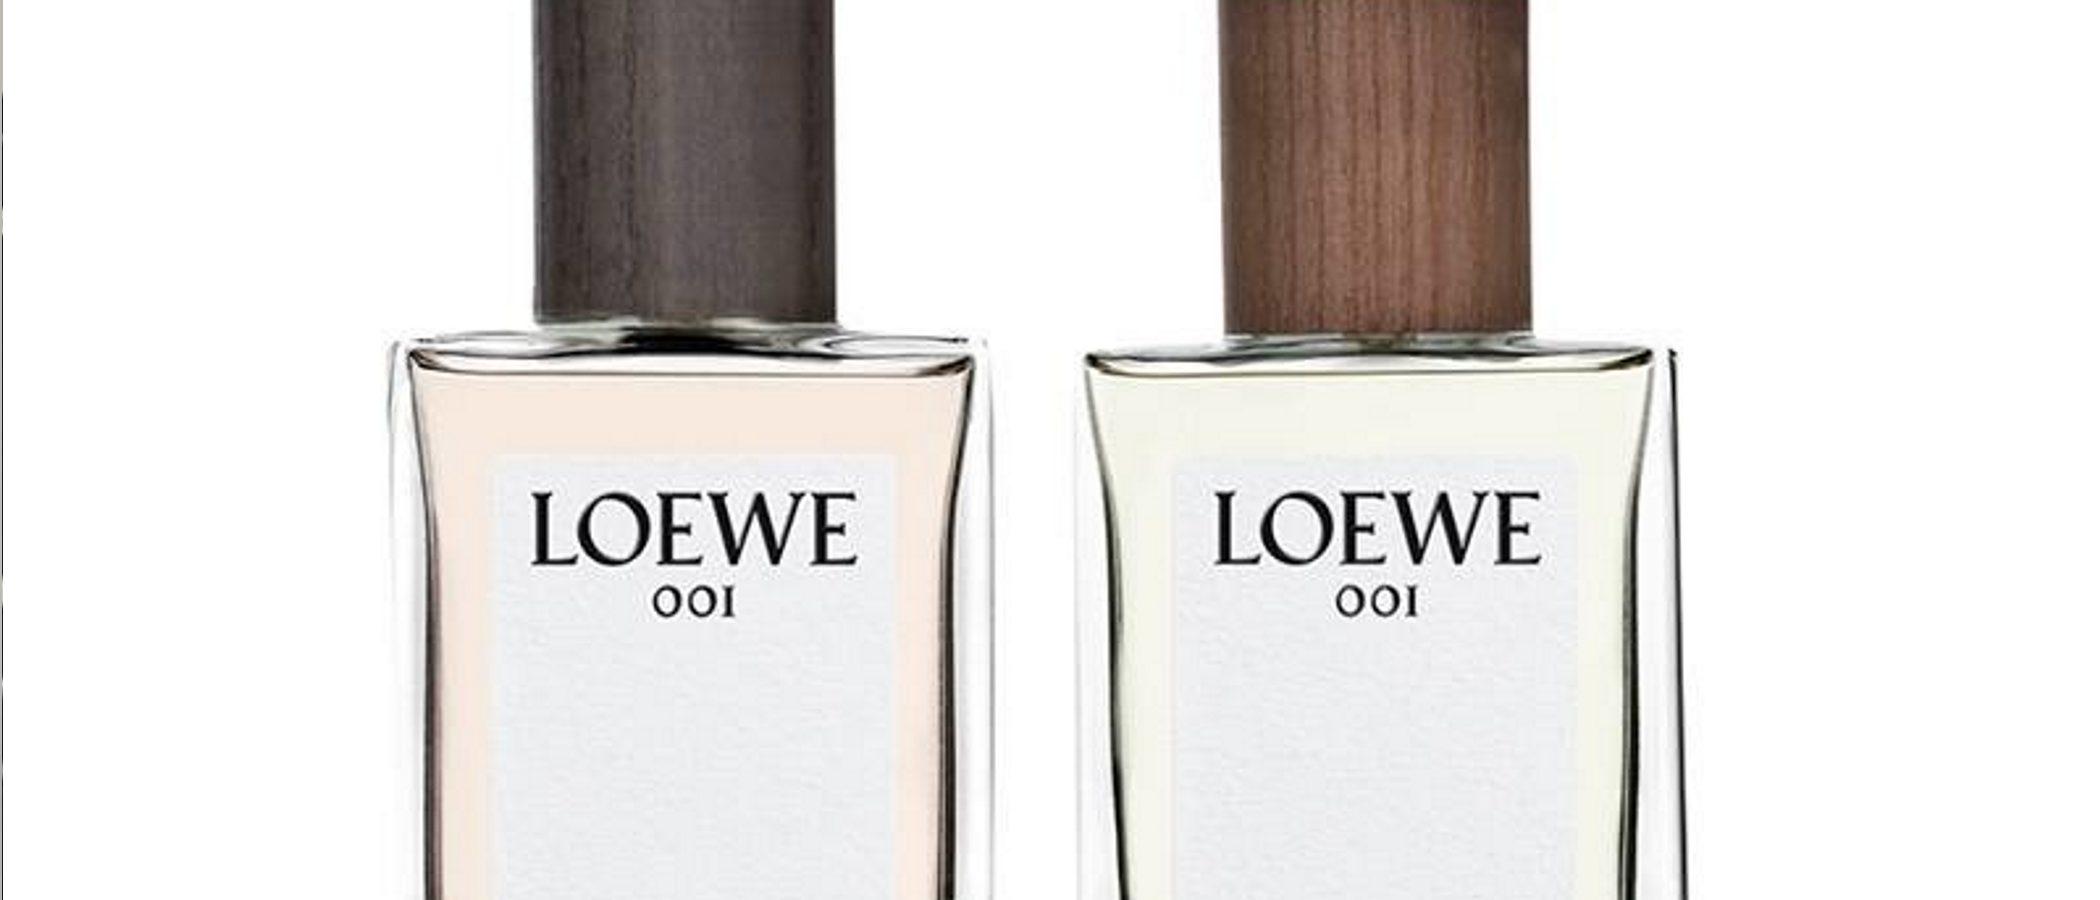 No hay dos sin tres: Loewe lanza al mercado la nueva línea 'Loewe 001'